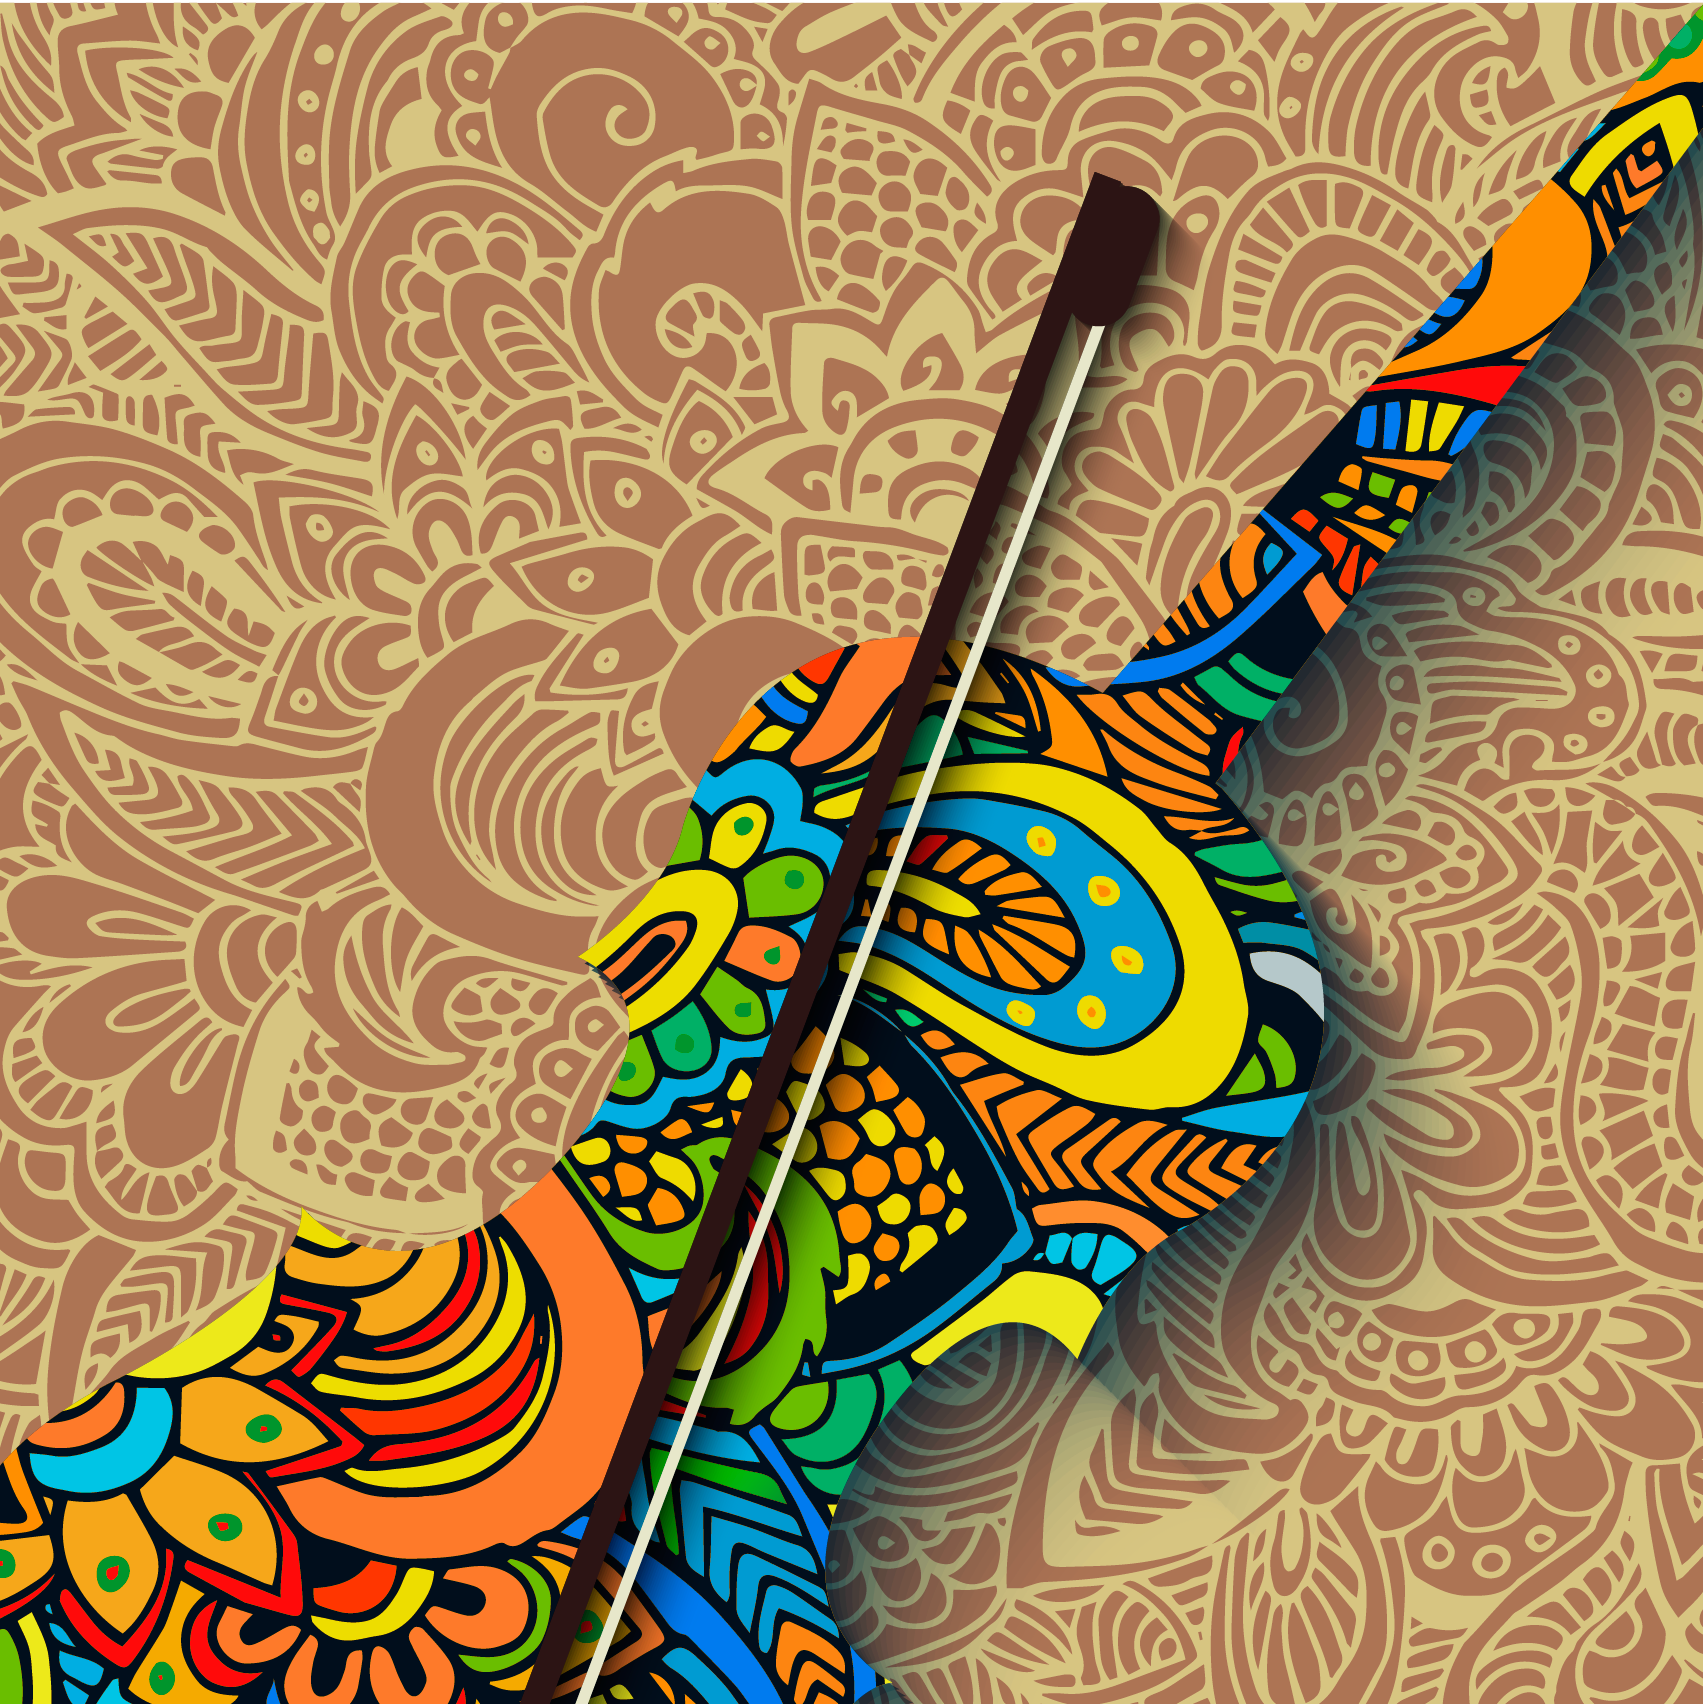 Musicoterapia y el concierto terapéutico